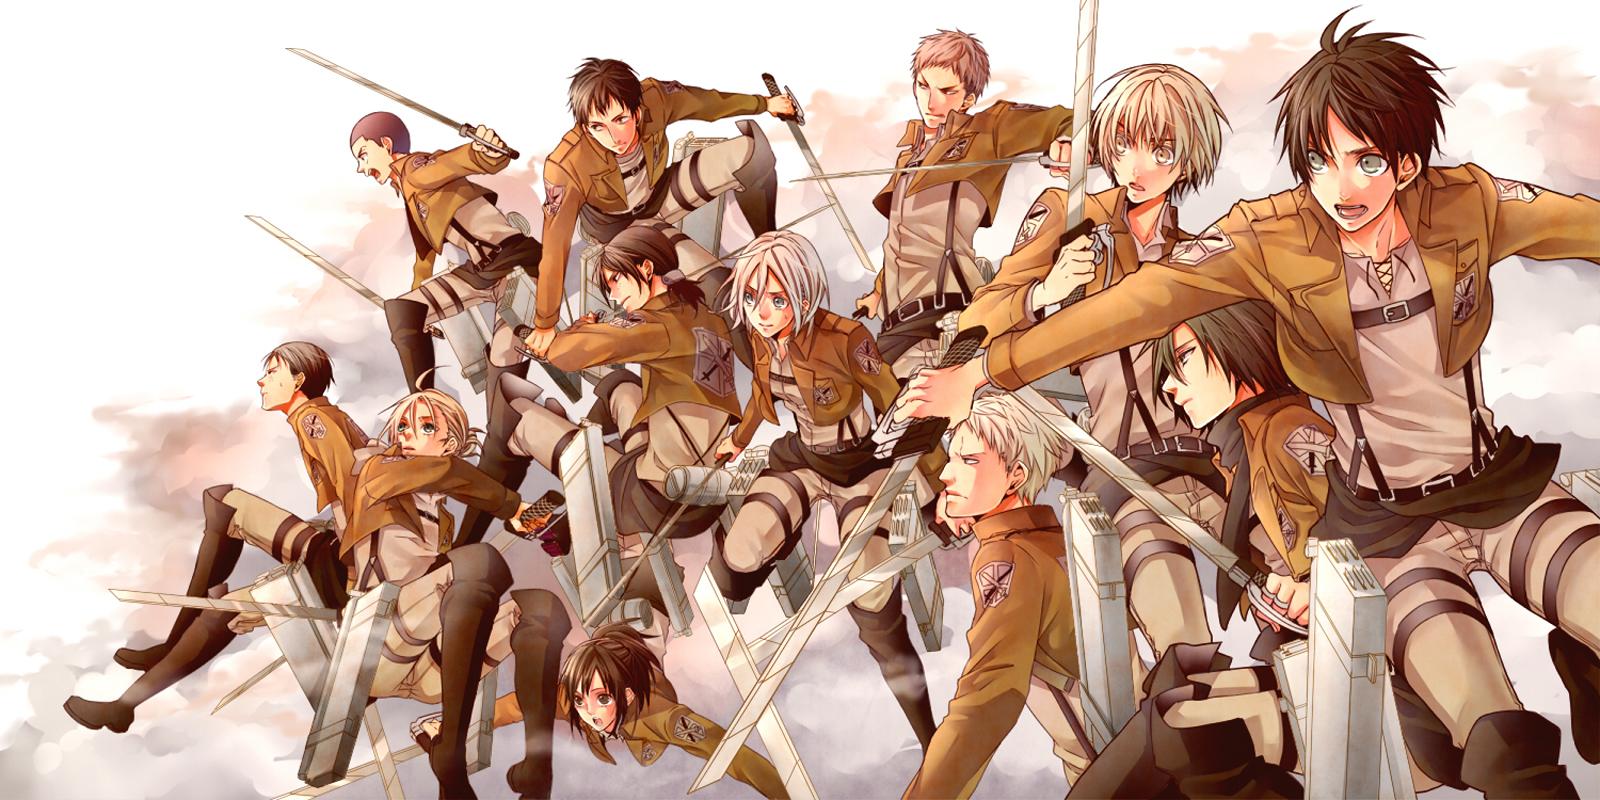 Shingeki No Kyojin Season 2 22 Desktop Background